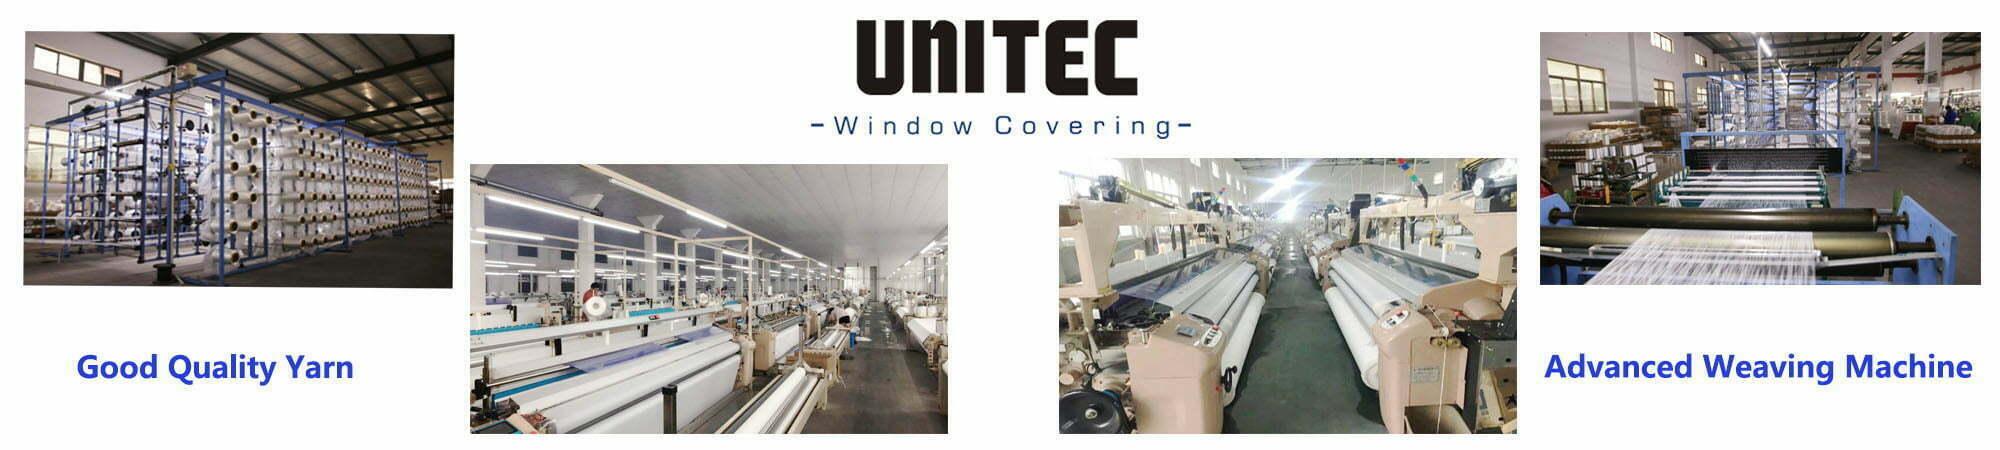 Fabricación y Tecnología y Innovación y Diseño Diseño y fabricación de tela para persianas de ventanas desde 2002, necesita un fabricante líder profesional para ser su proveedor.